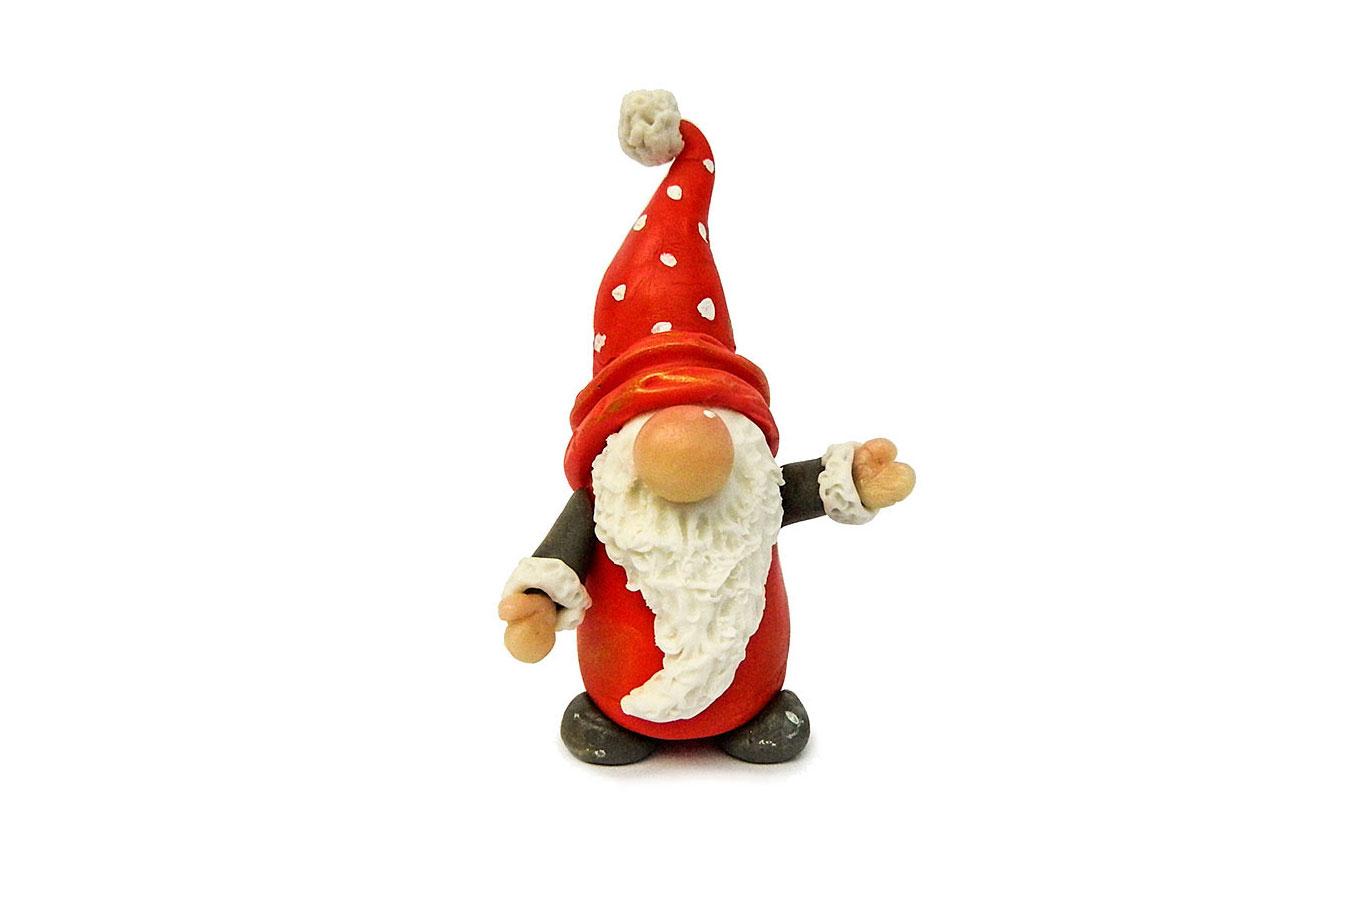 gnomo realizzato in porcellana fredda con cappello rosso a pois bianchi